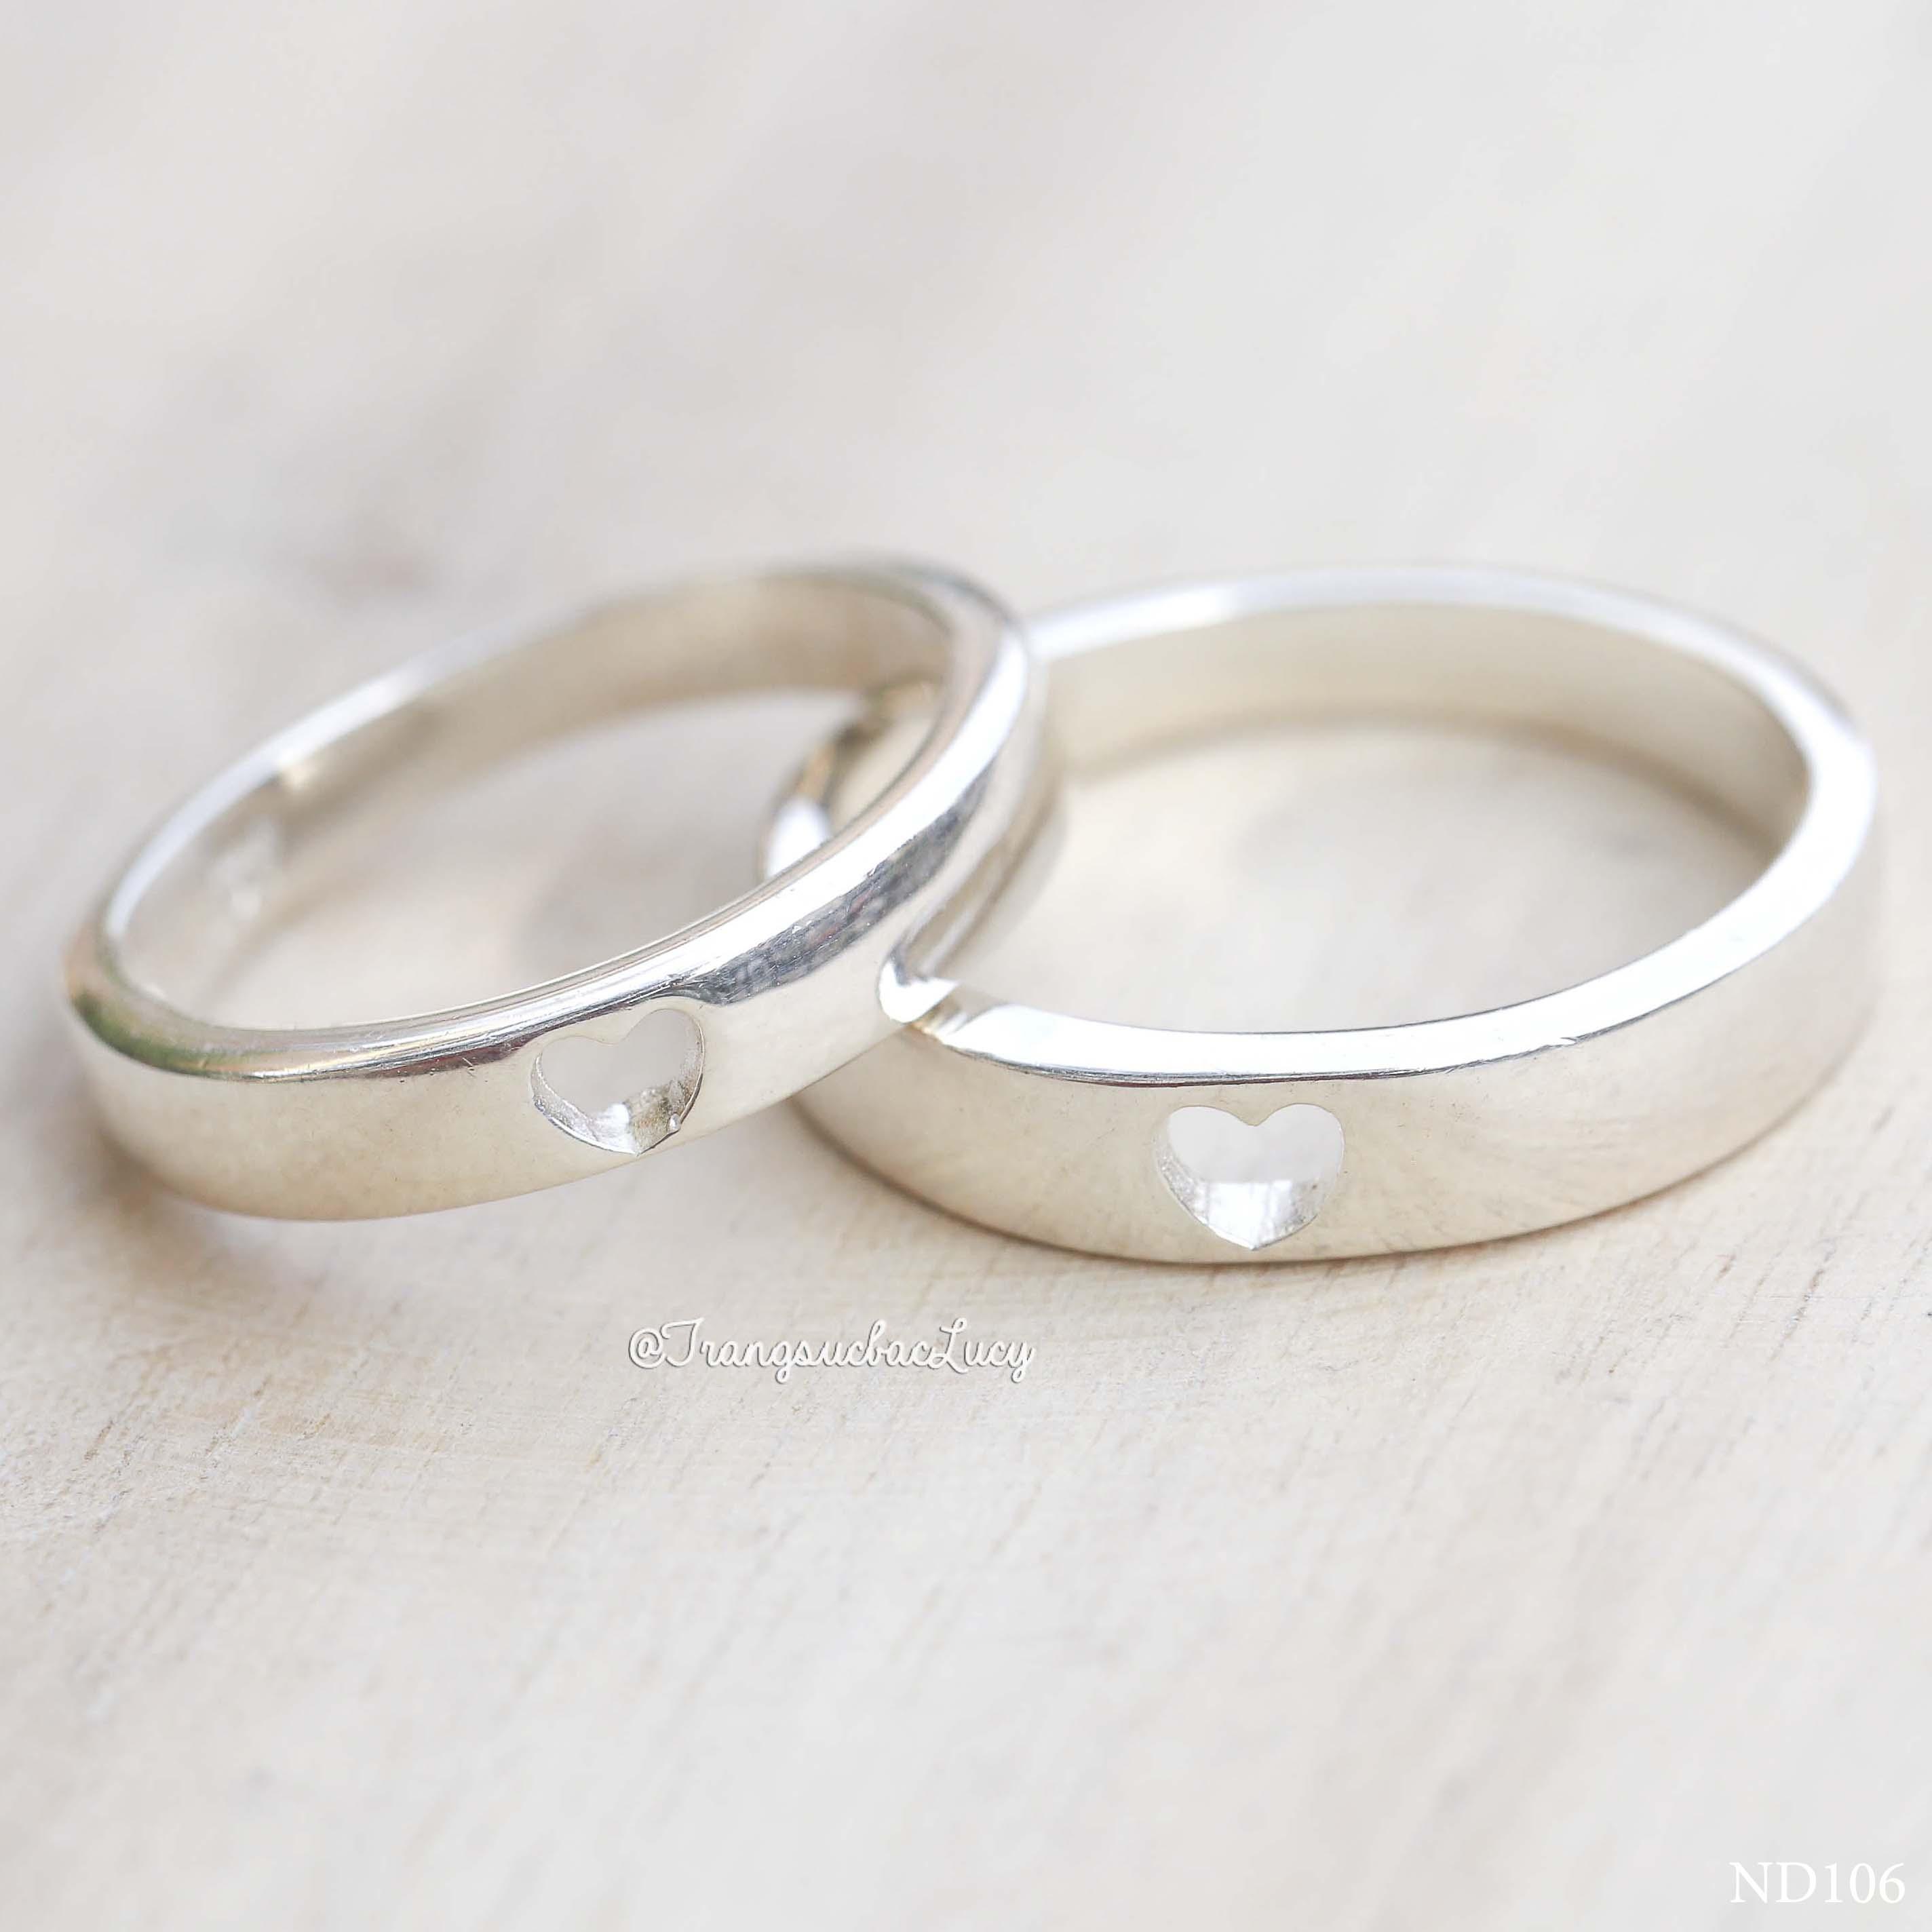 Nhẫn đôi nhẫn cặp đẹp bạc Lucy - ND106